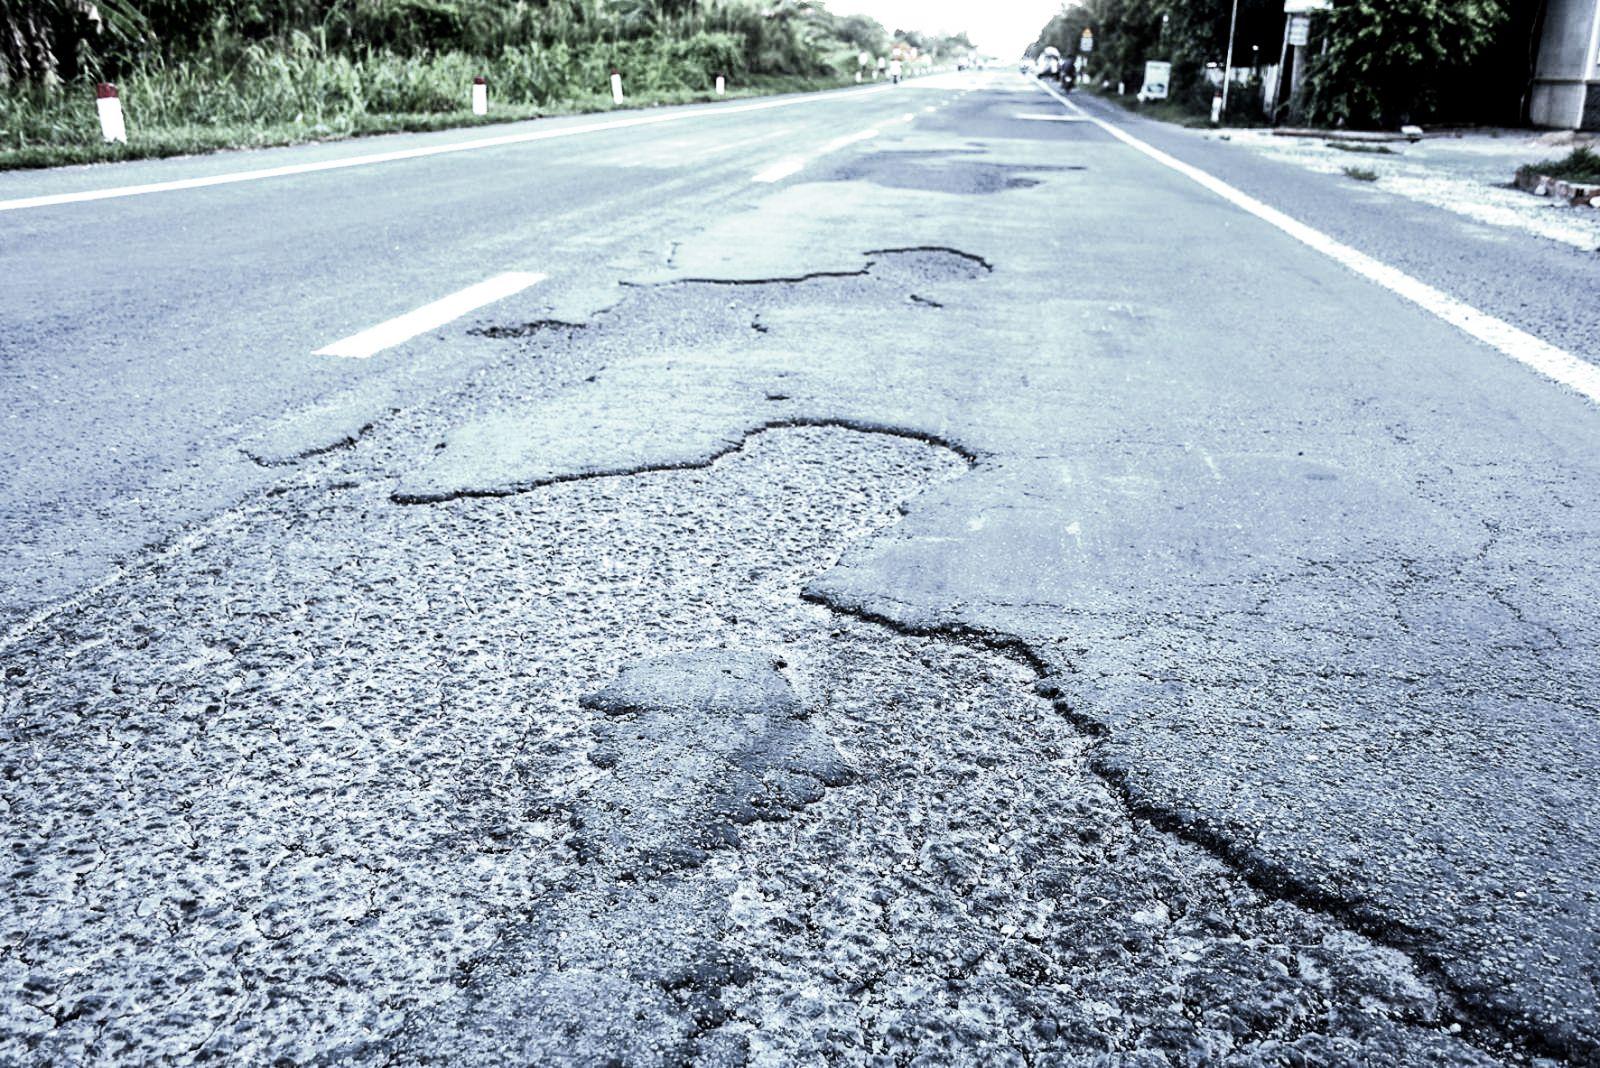 Mặt đường quốc lộ 61C đoạn gần khu vực cầu Rạch Sung, xã Nhơn Nghĩa, huyện Phong Điền bị bong tróc rất nhiều, gây nguy hiểm cho các phương tiện lưu thông. Ảnh: XUÂN ĐÀO